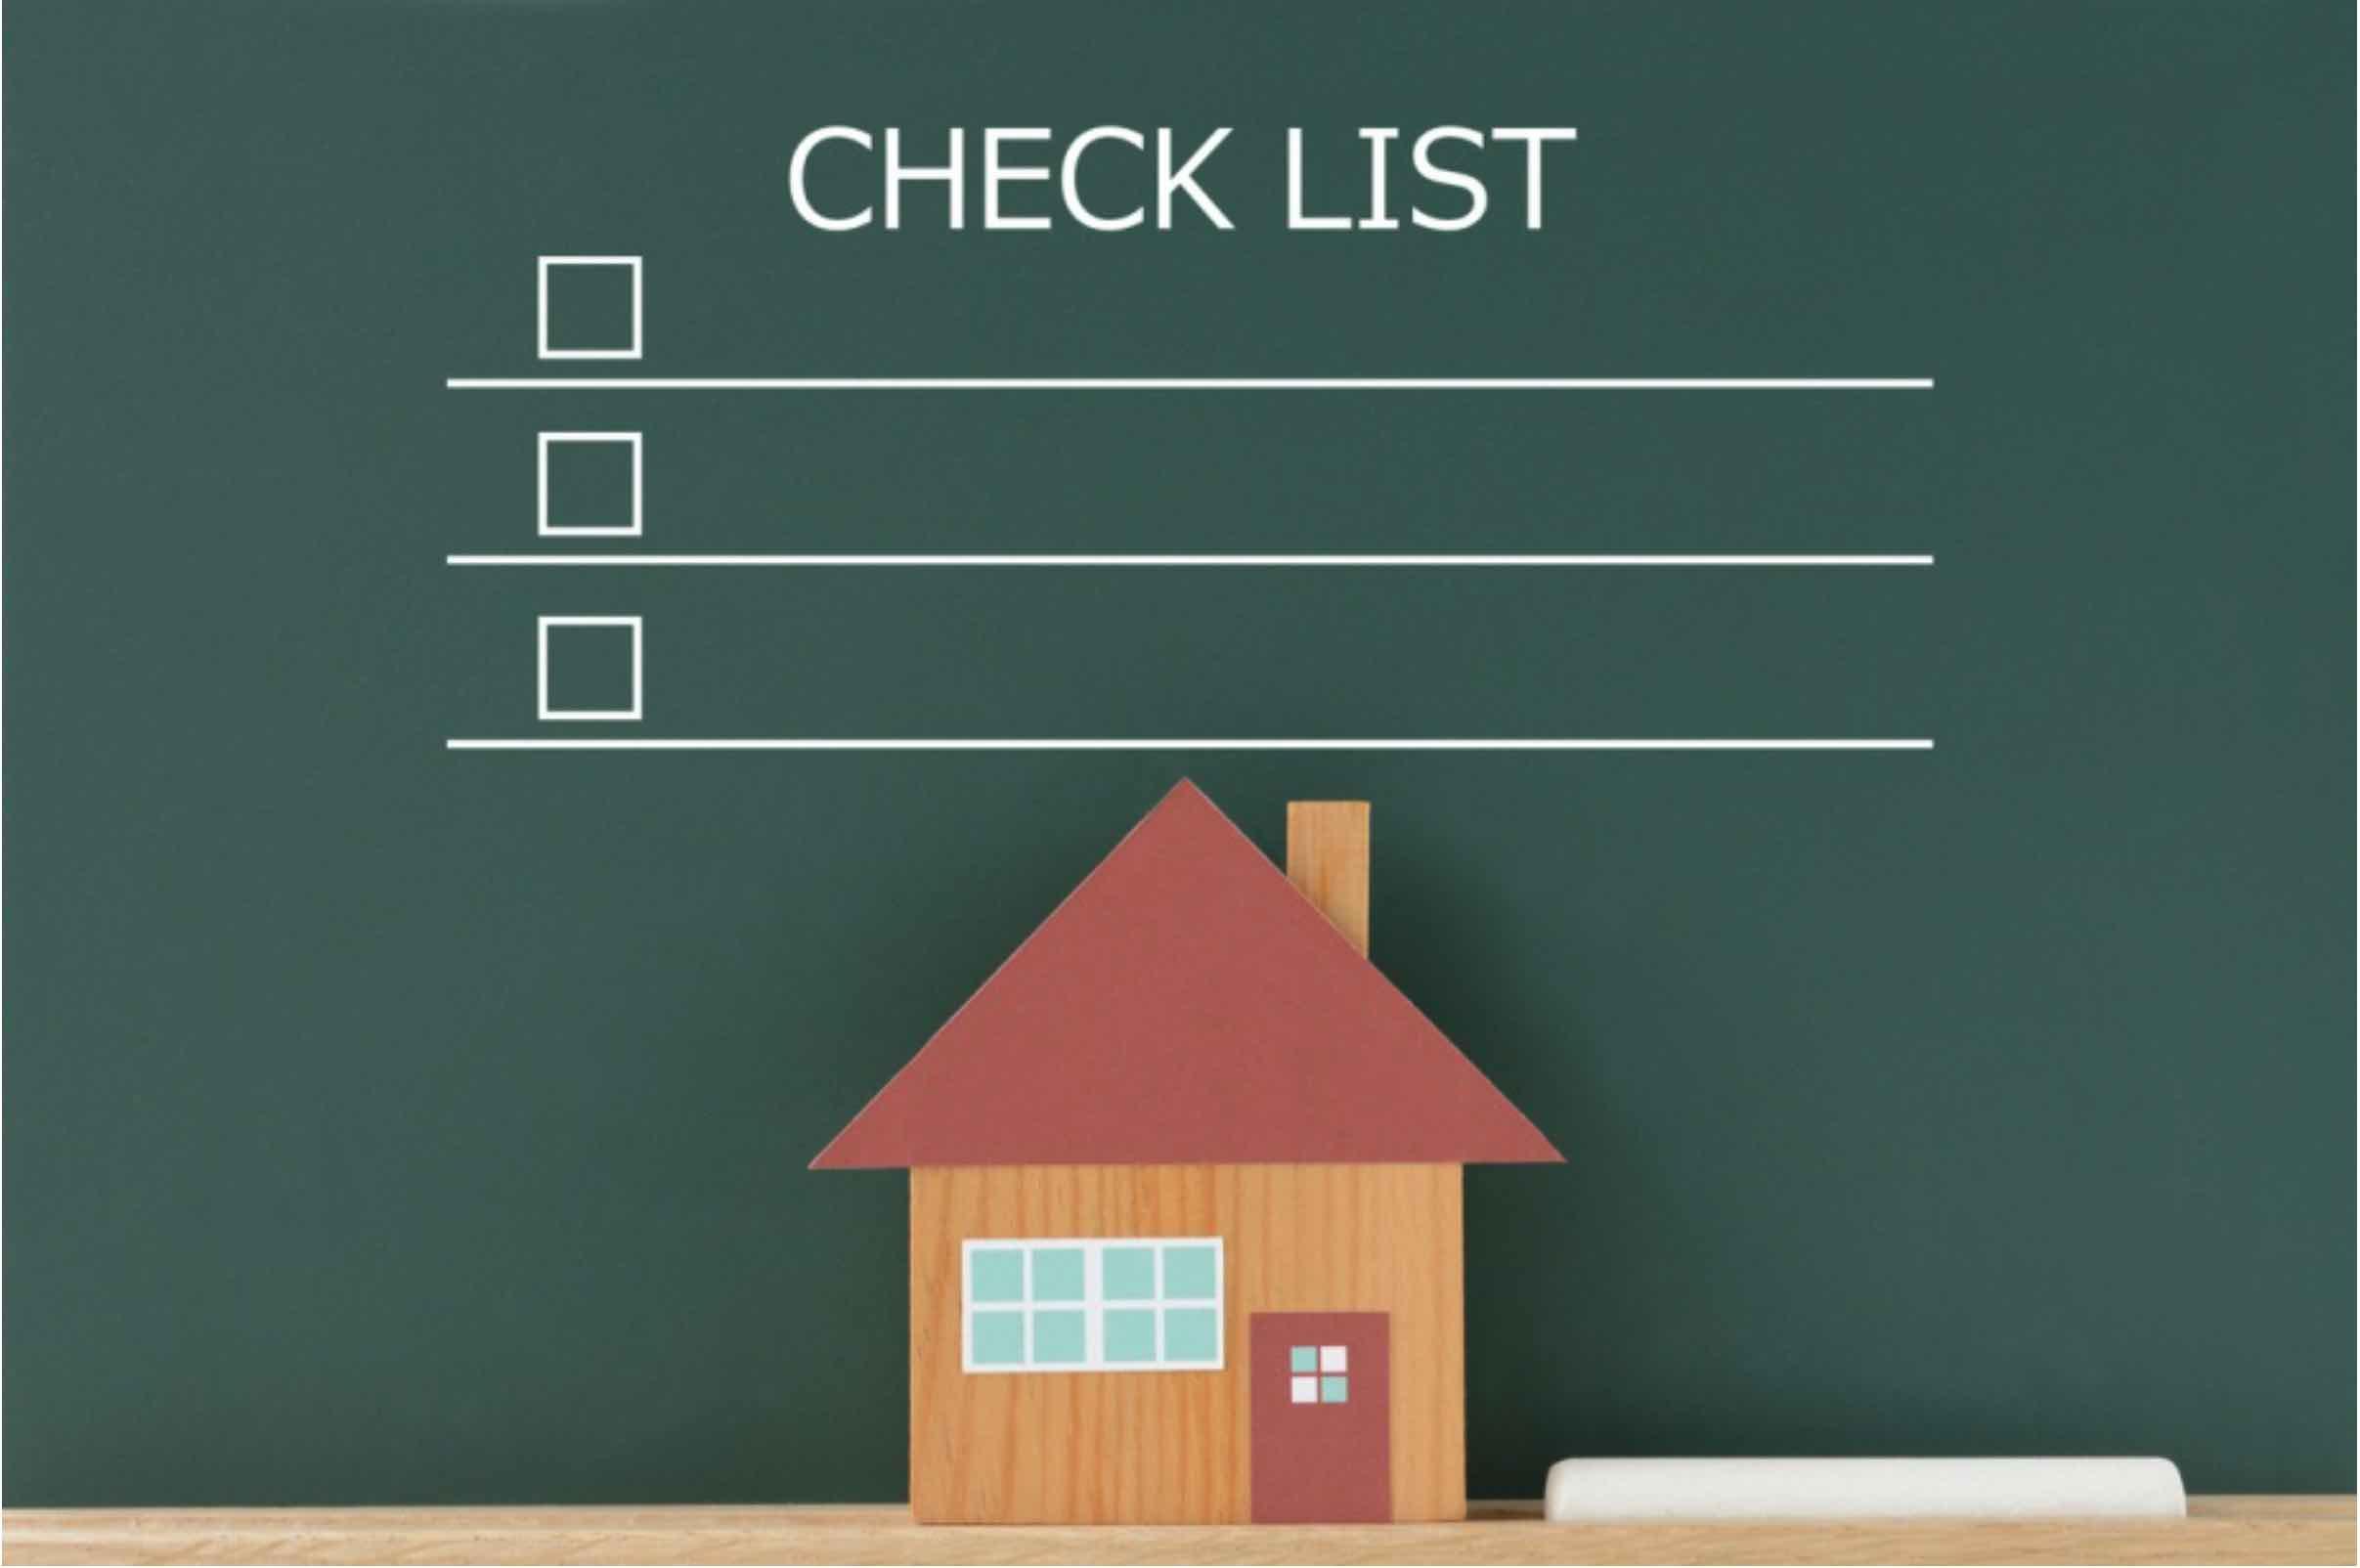 Documentación necesaria para solicitar una hipoteca